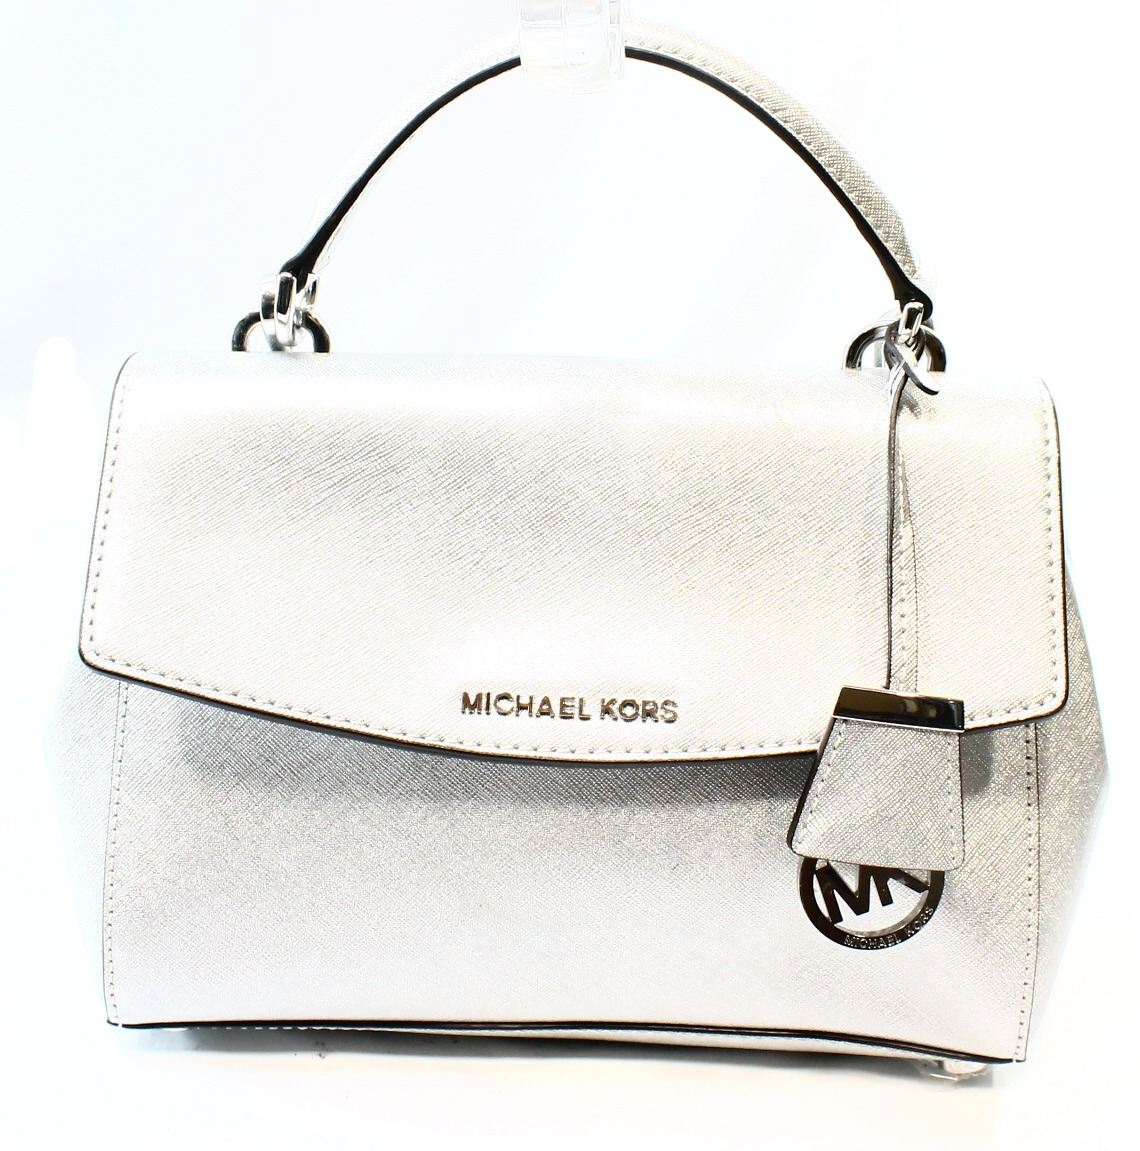 Michael Kors NEW Silver Saffiano Ava Top Handle Satchel B...